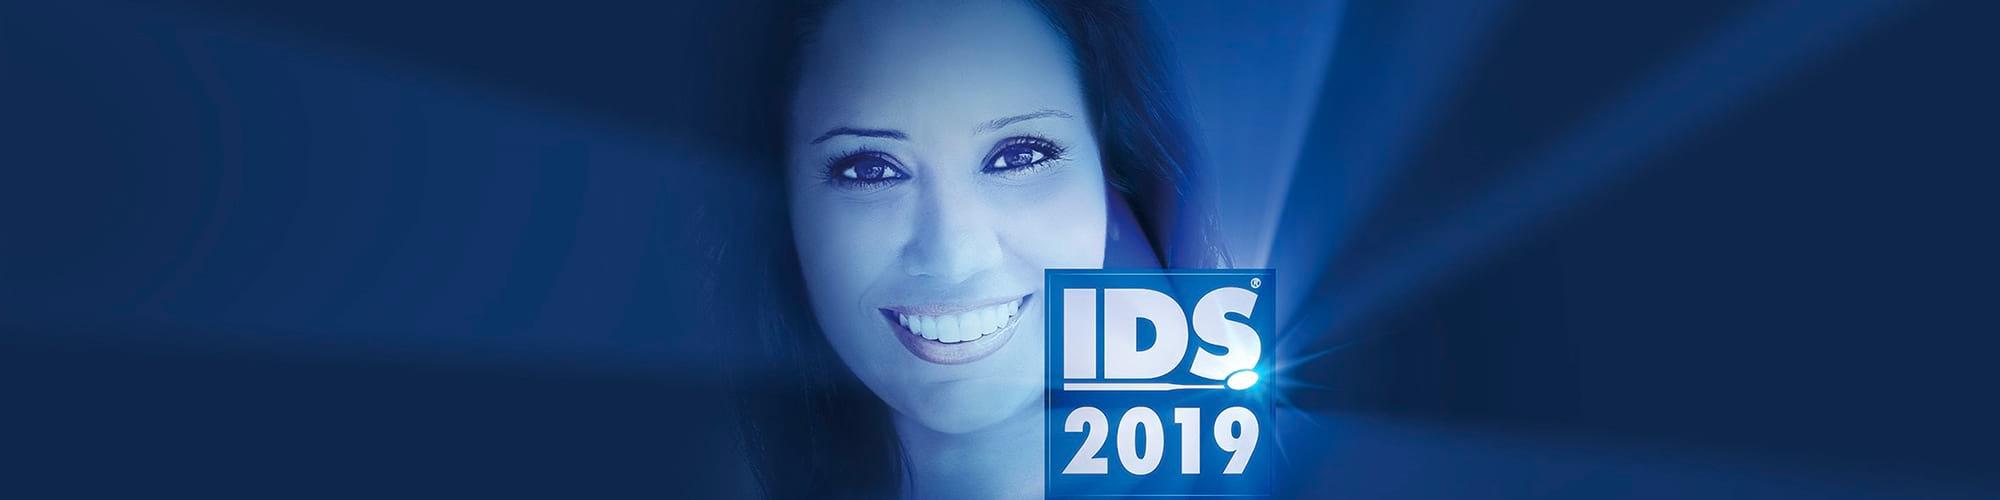 BDV GmbH zeigt VISInext mit vielen neuen Funktionen auf der IDS 2019